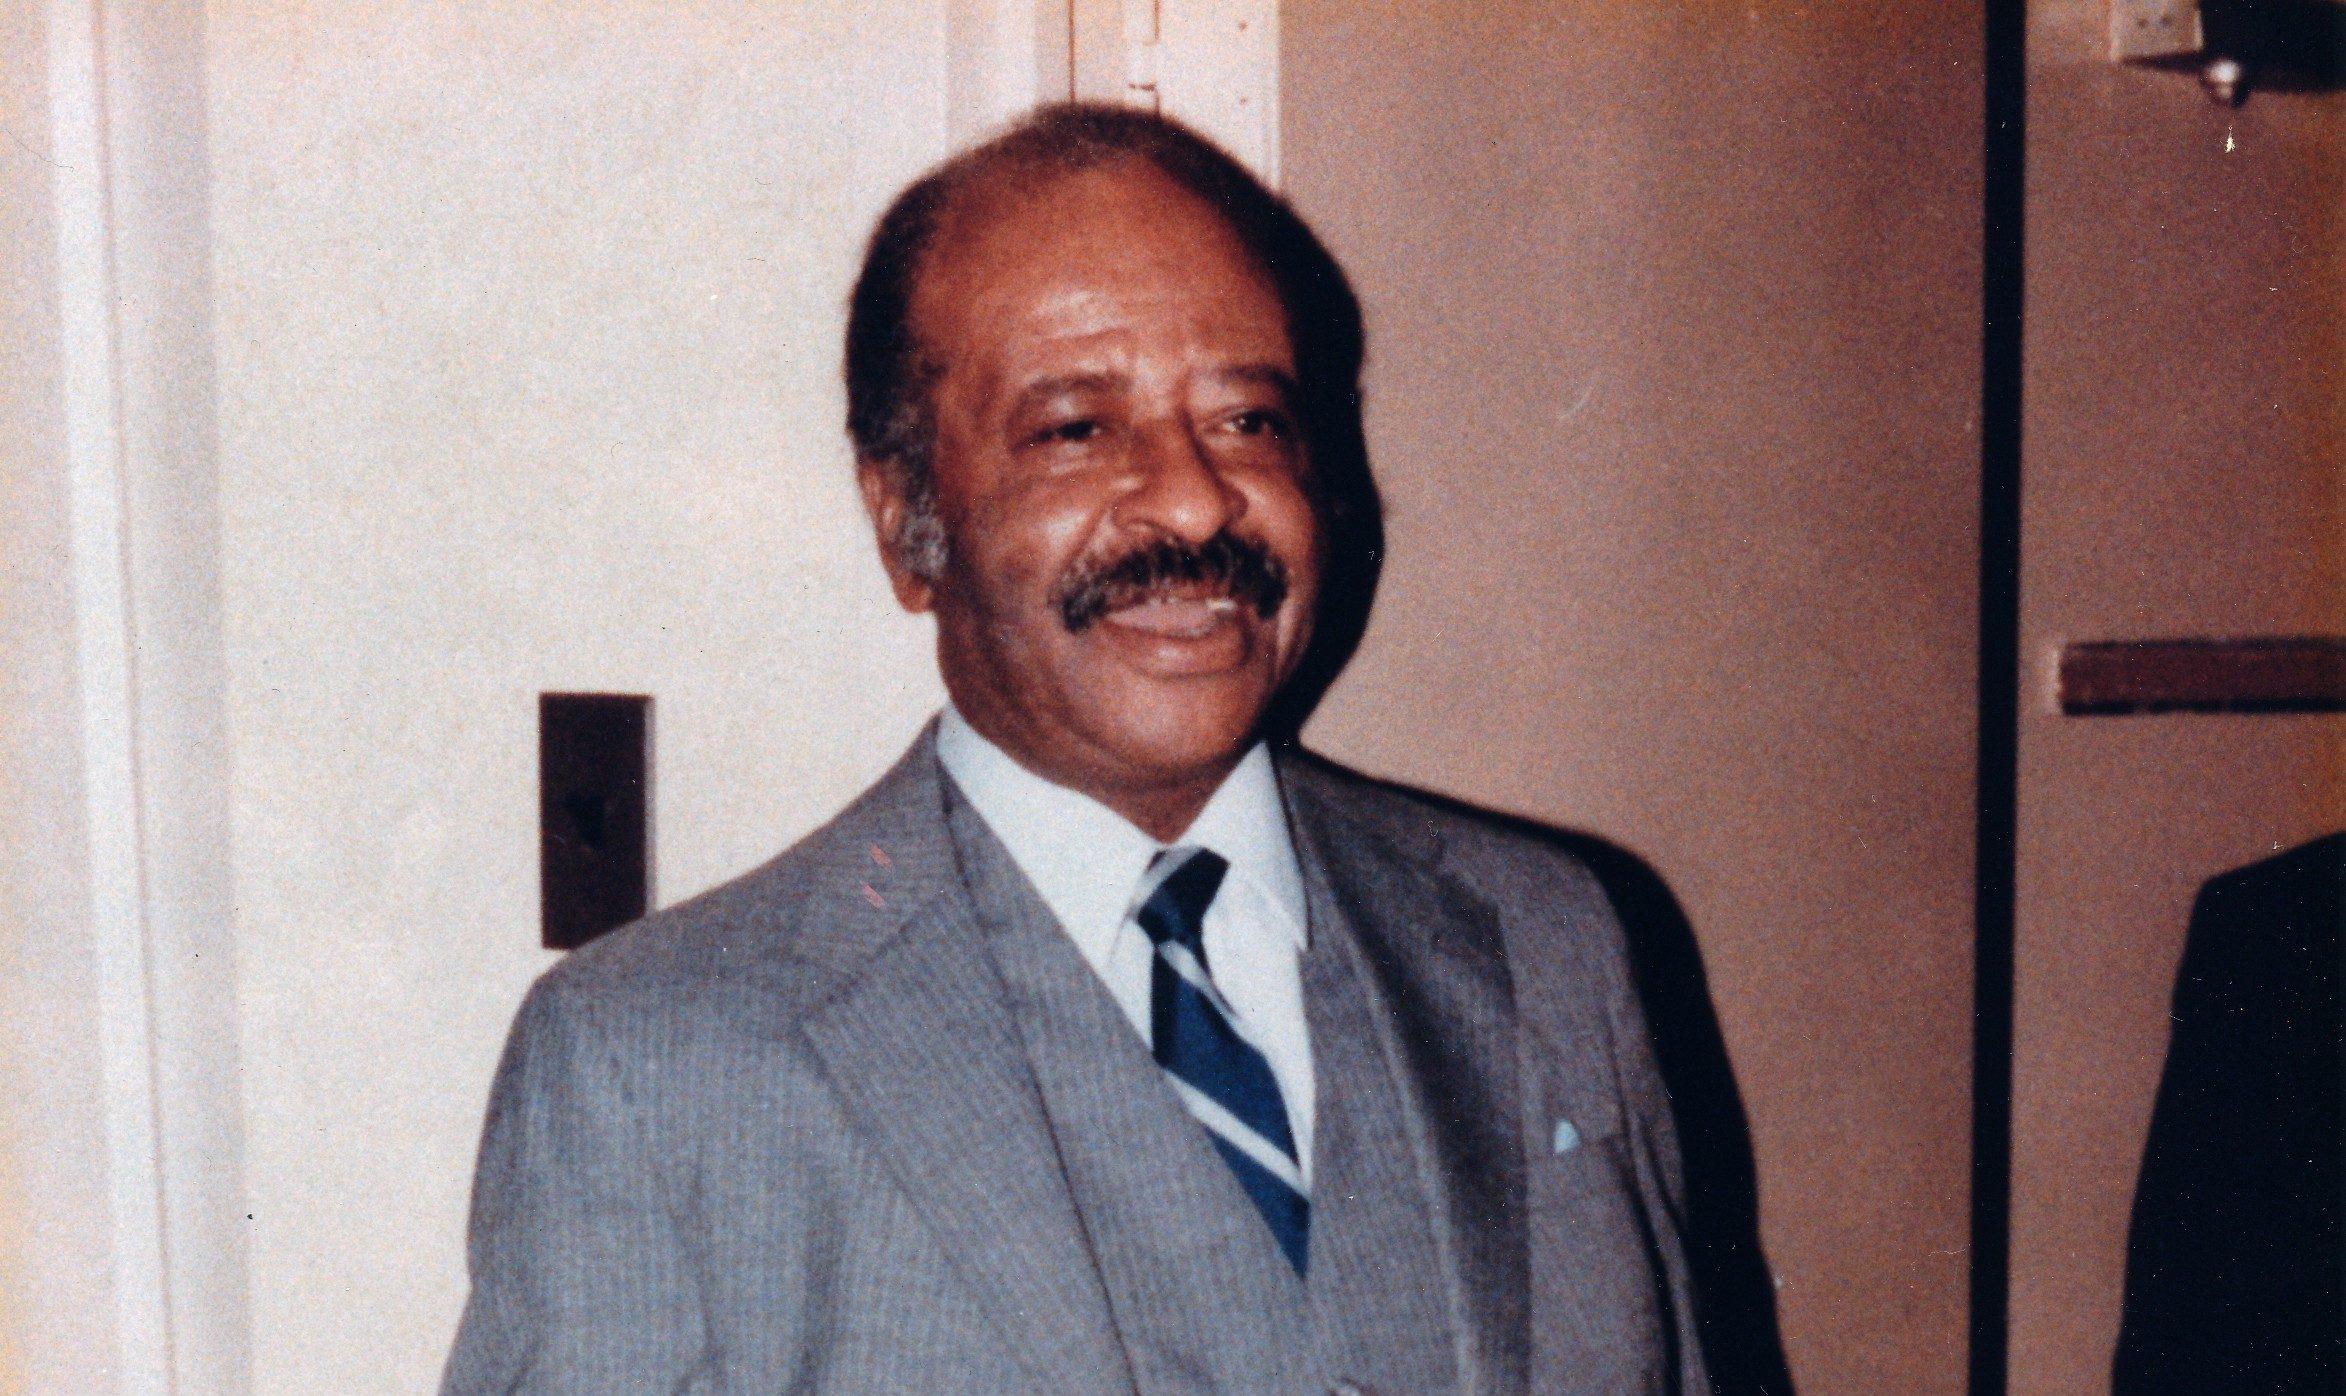 John R. Story